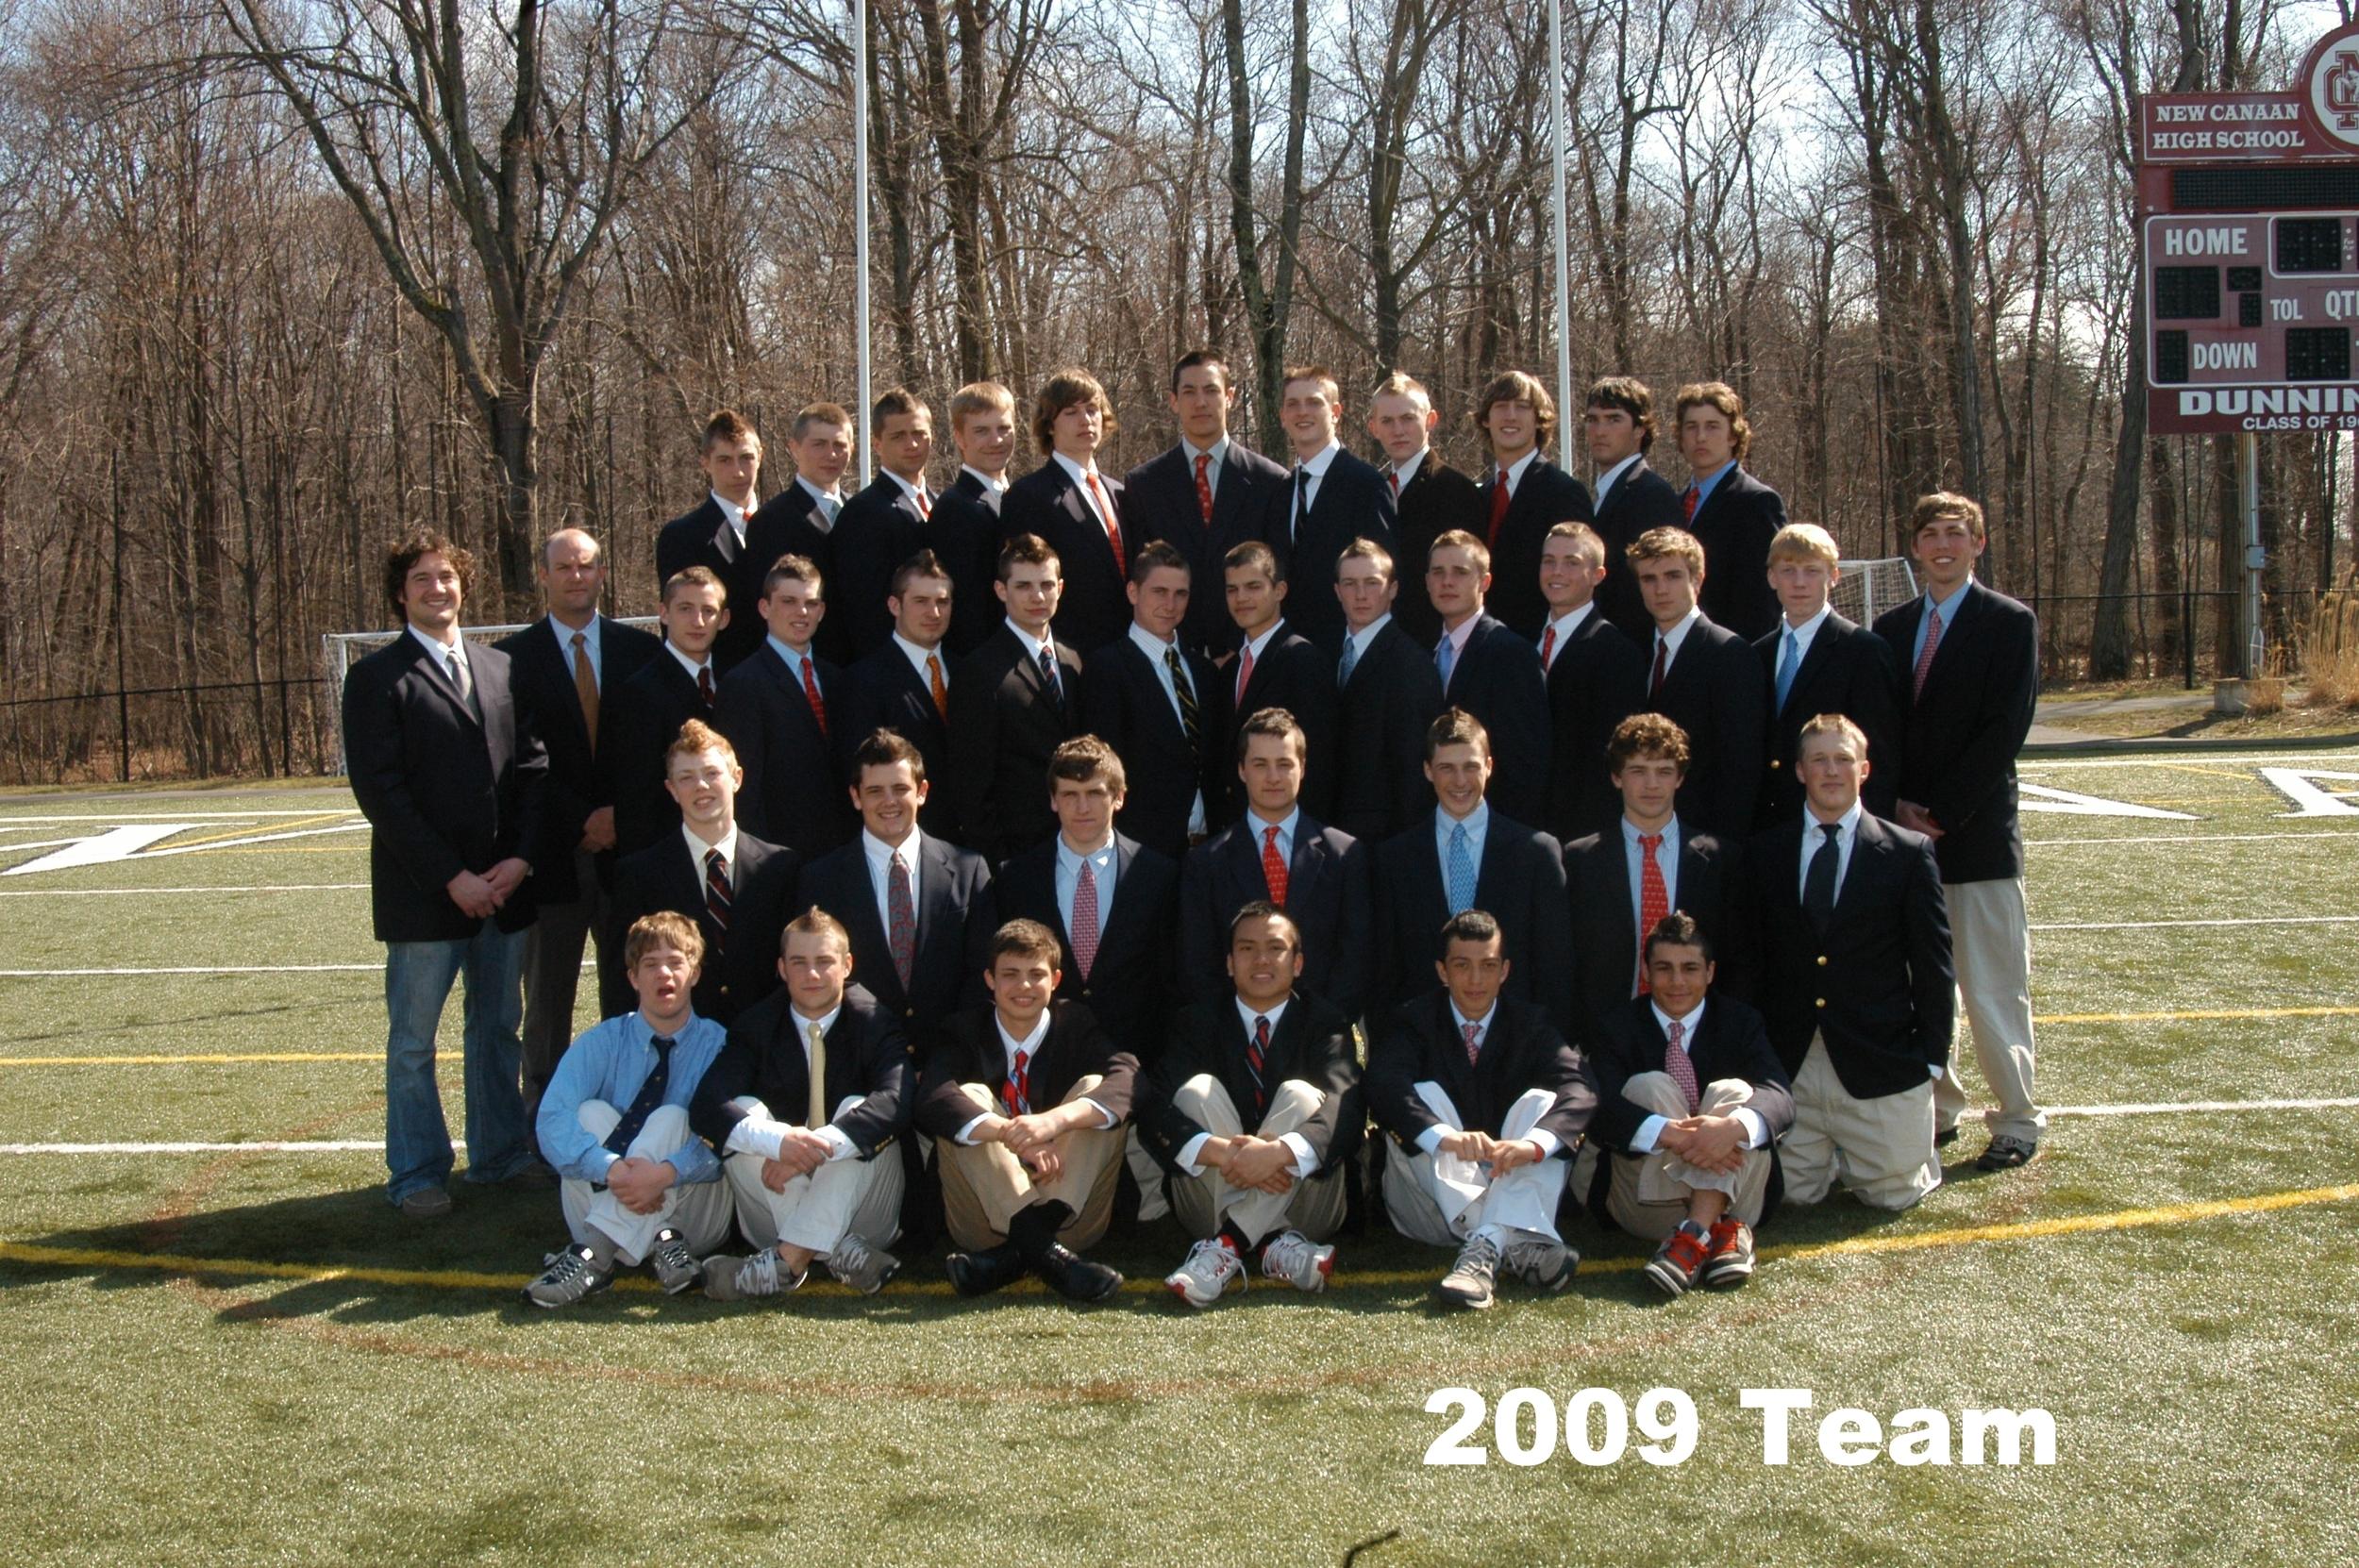 2009 NC Lax Team Photo.jpg